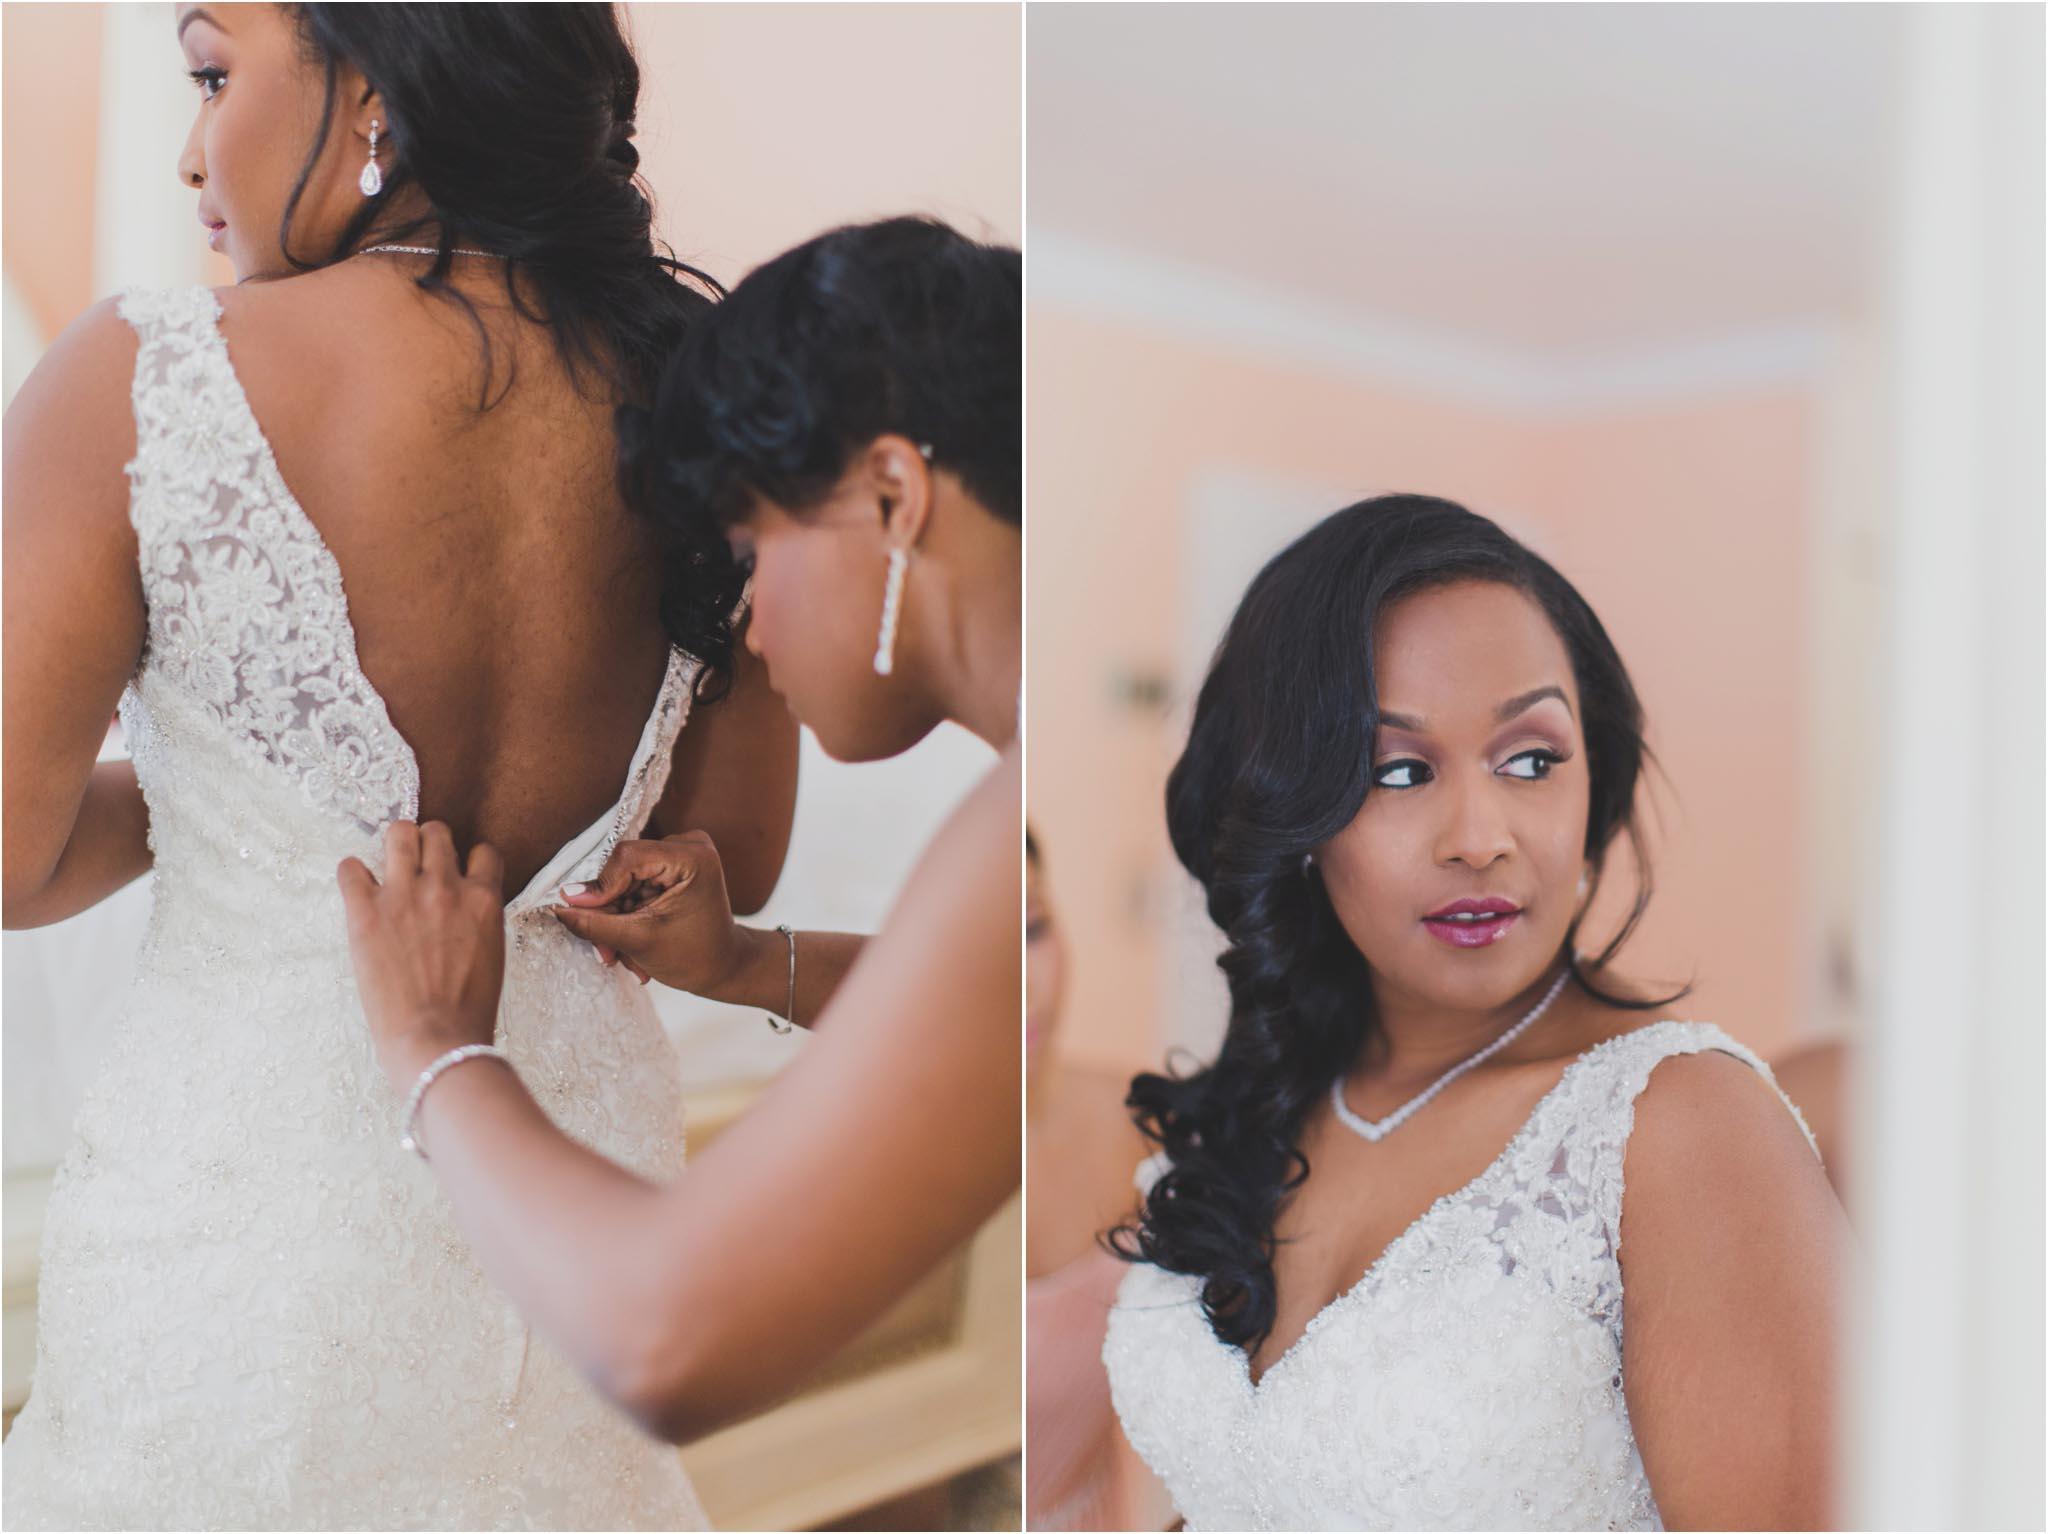 Bucks County, wedding, getting ready